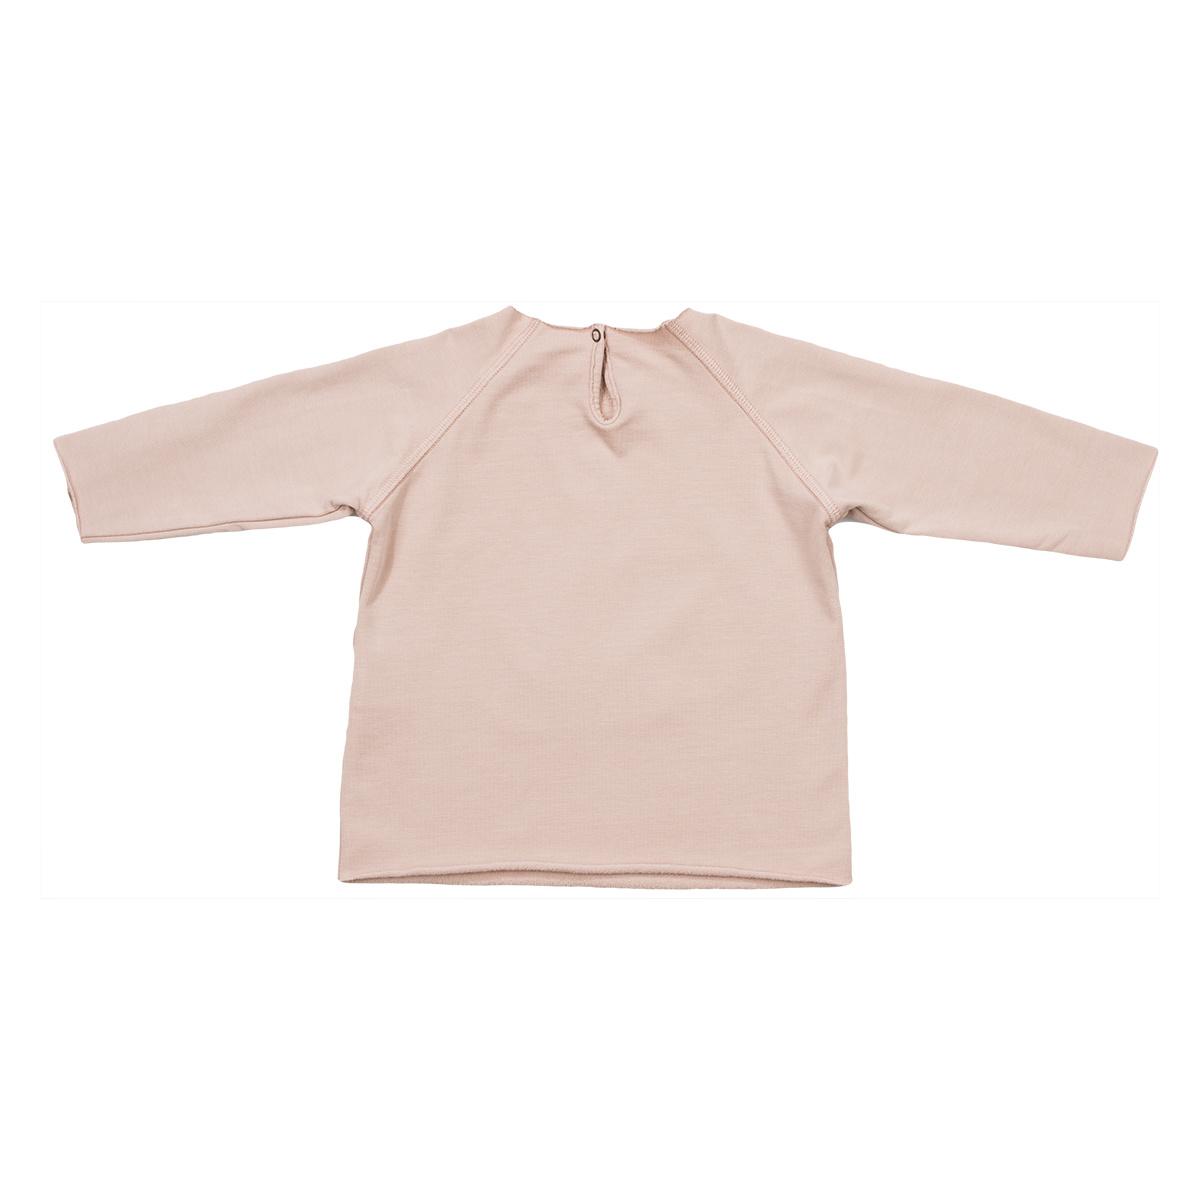 T-shirt cipria-2